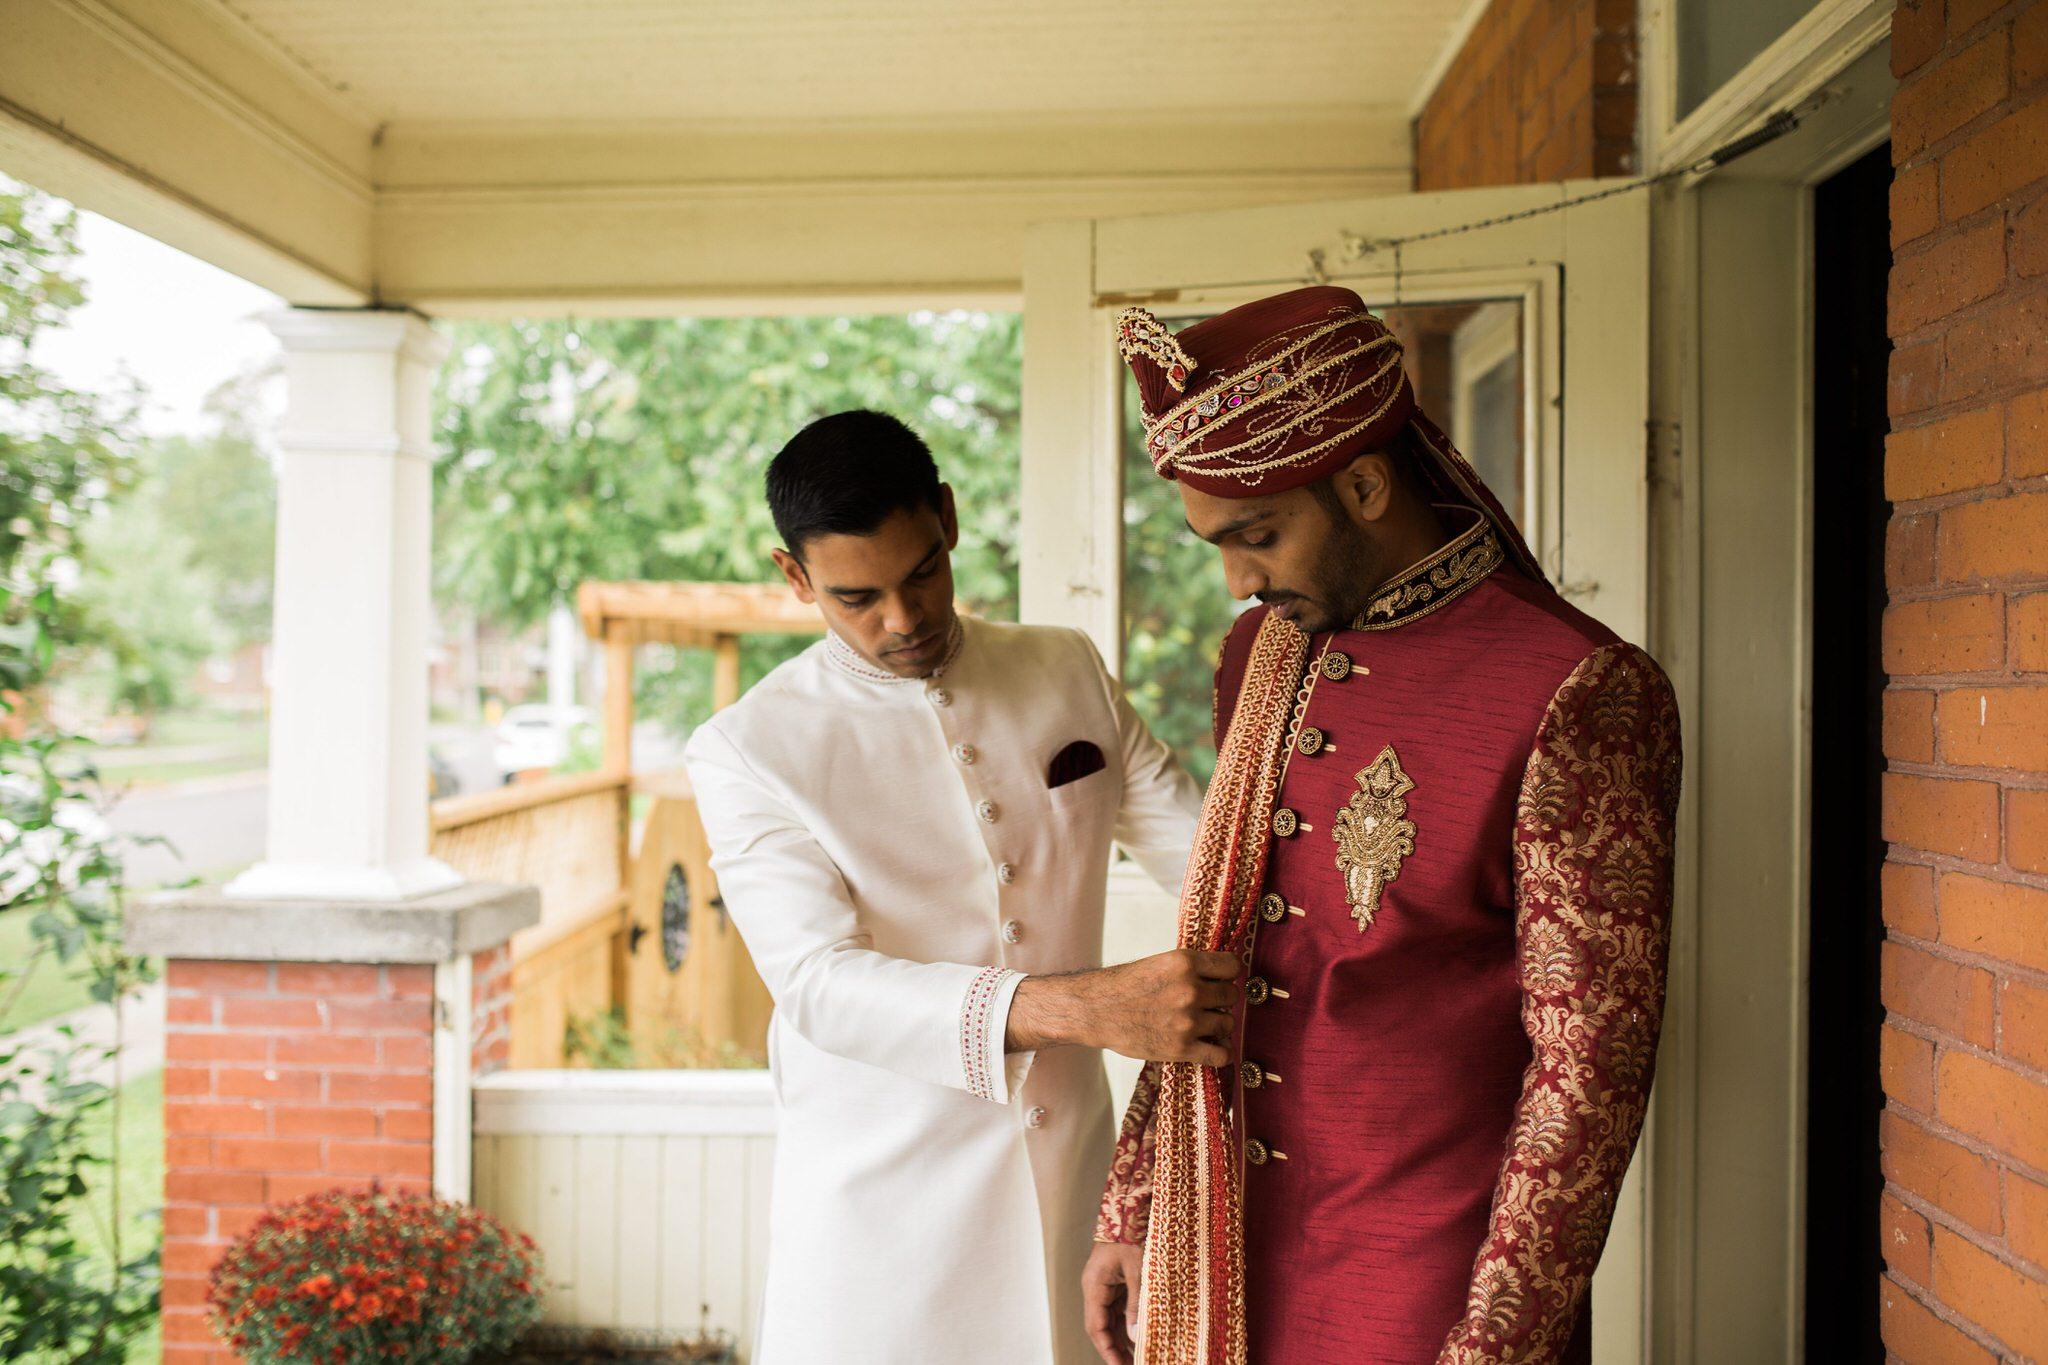 Northview Gardens Wedding - hindu groom getting ready